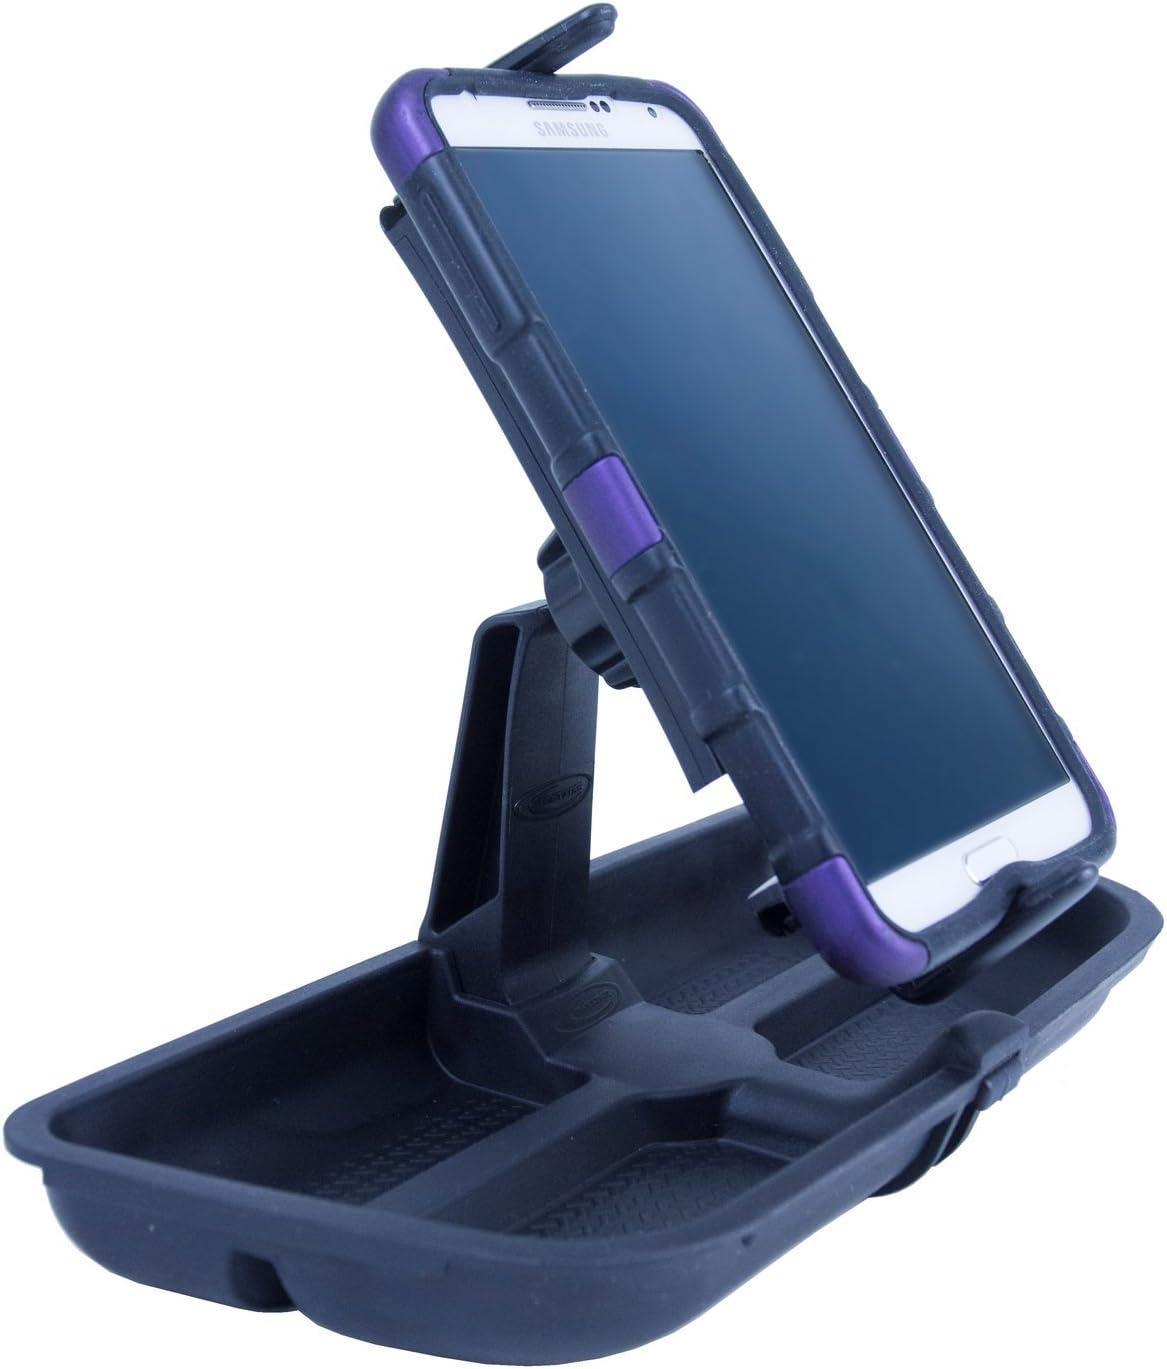 Best cell phone holder for jeep wrangler, best dashboard phone holder for jeep wrangler